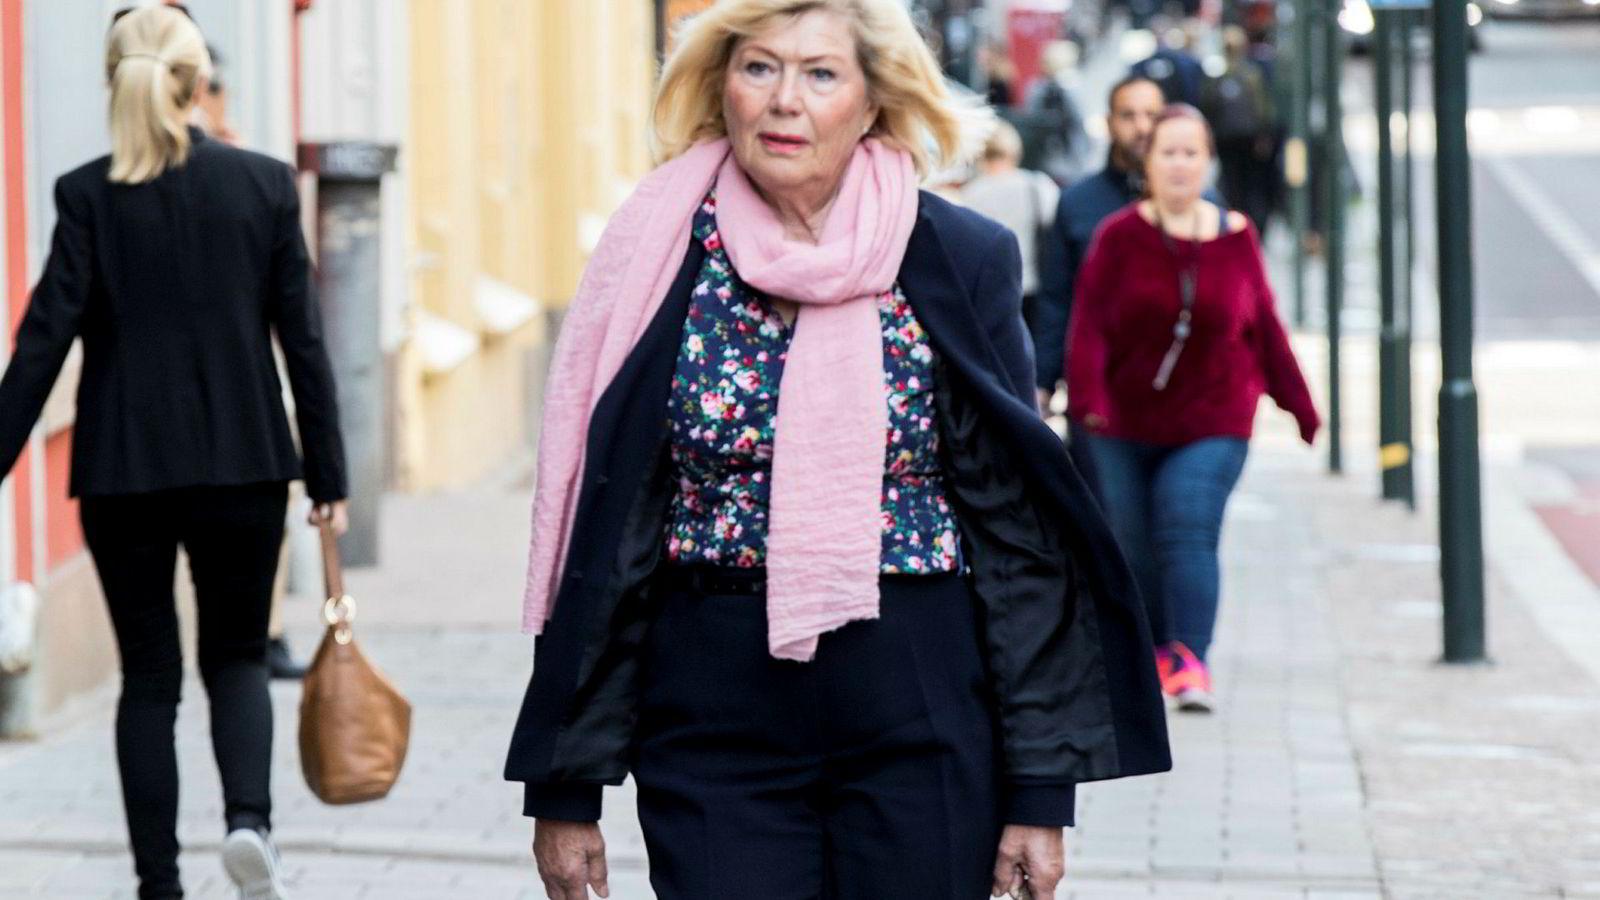 Ann Kathrine Skjørshammer er leder av KrF Kvinner, som er en egen delegasjon på landsmøtet. Hun er kritisk til Hareides frieri til Arbeiderpartiet og Senterpartiet.